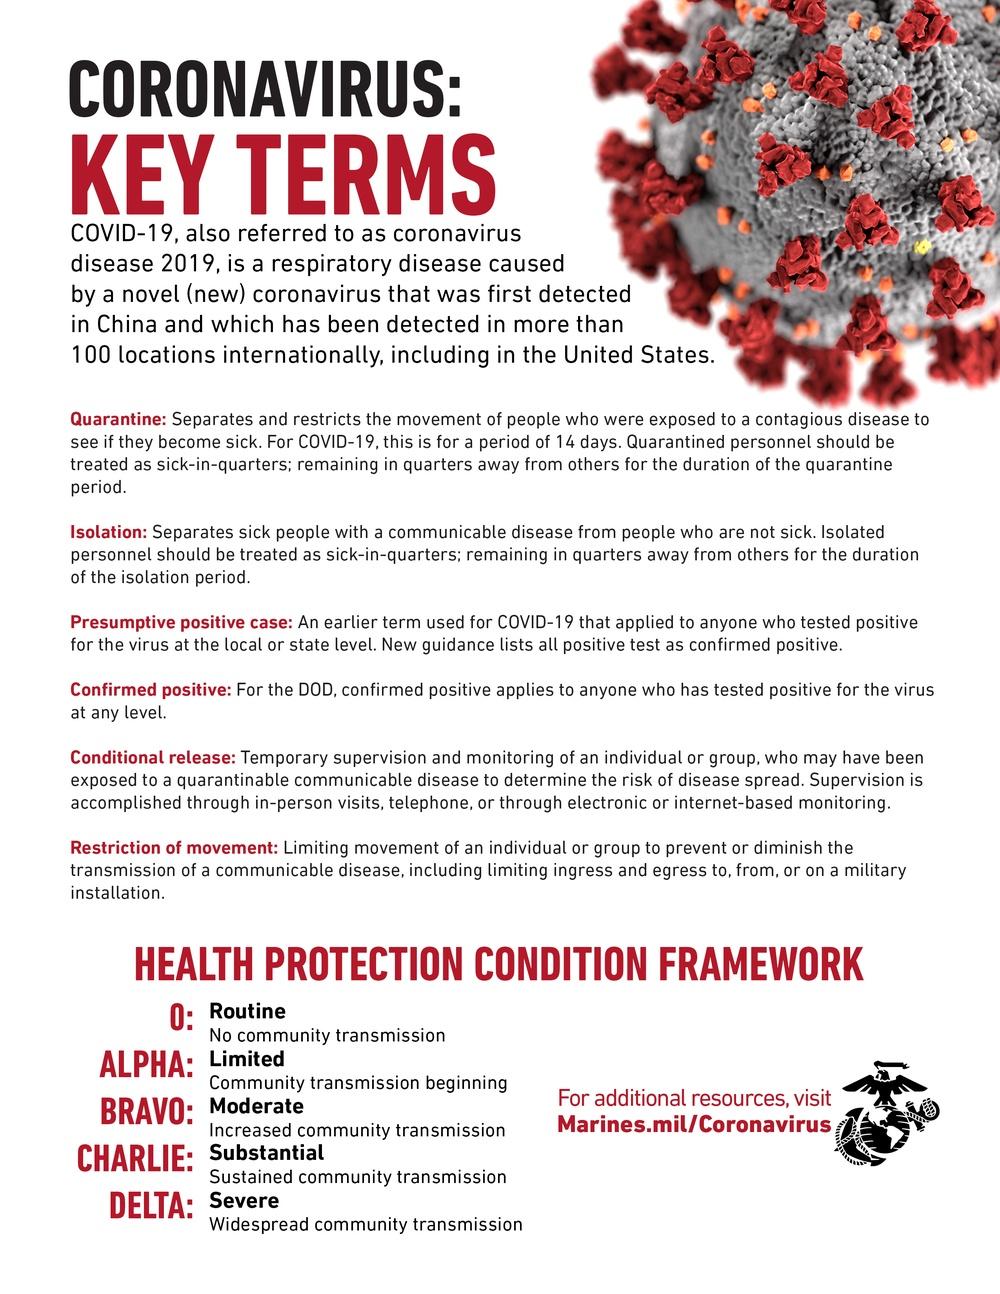 Coronavirus key terms